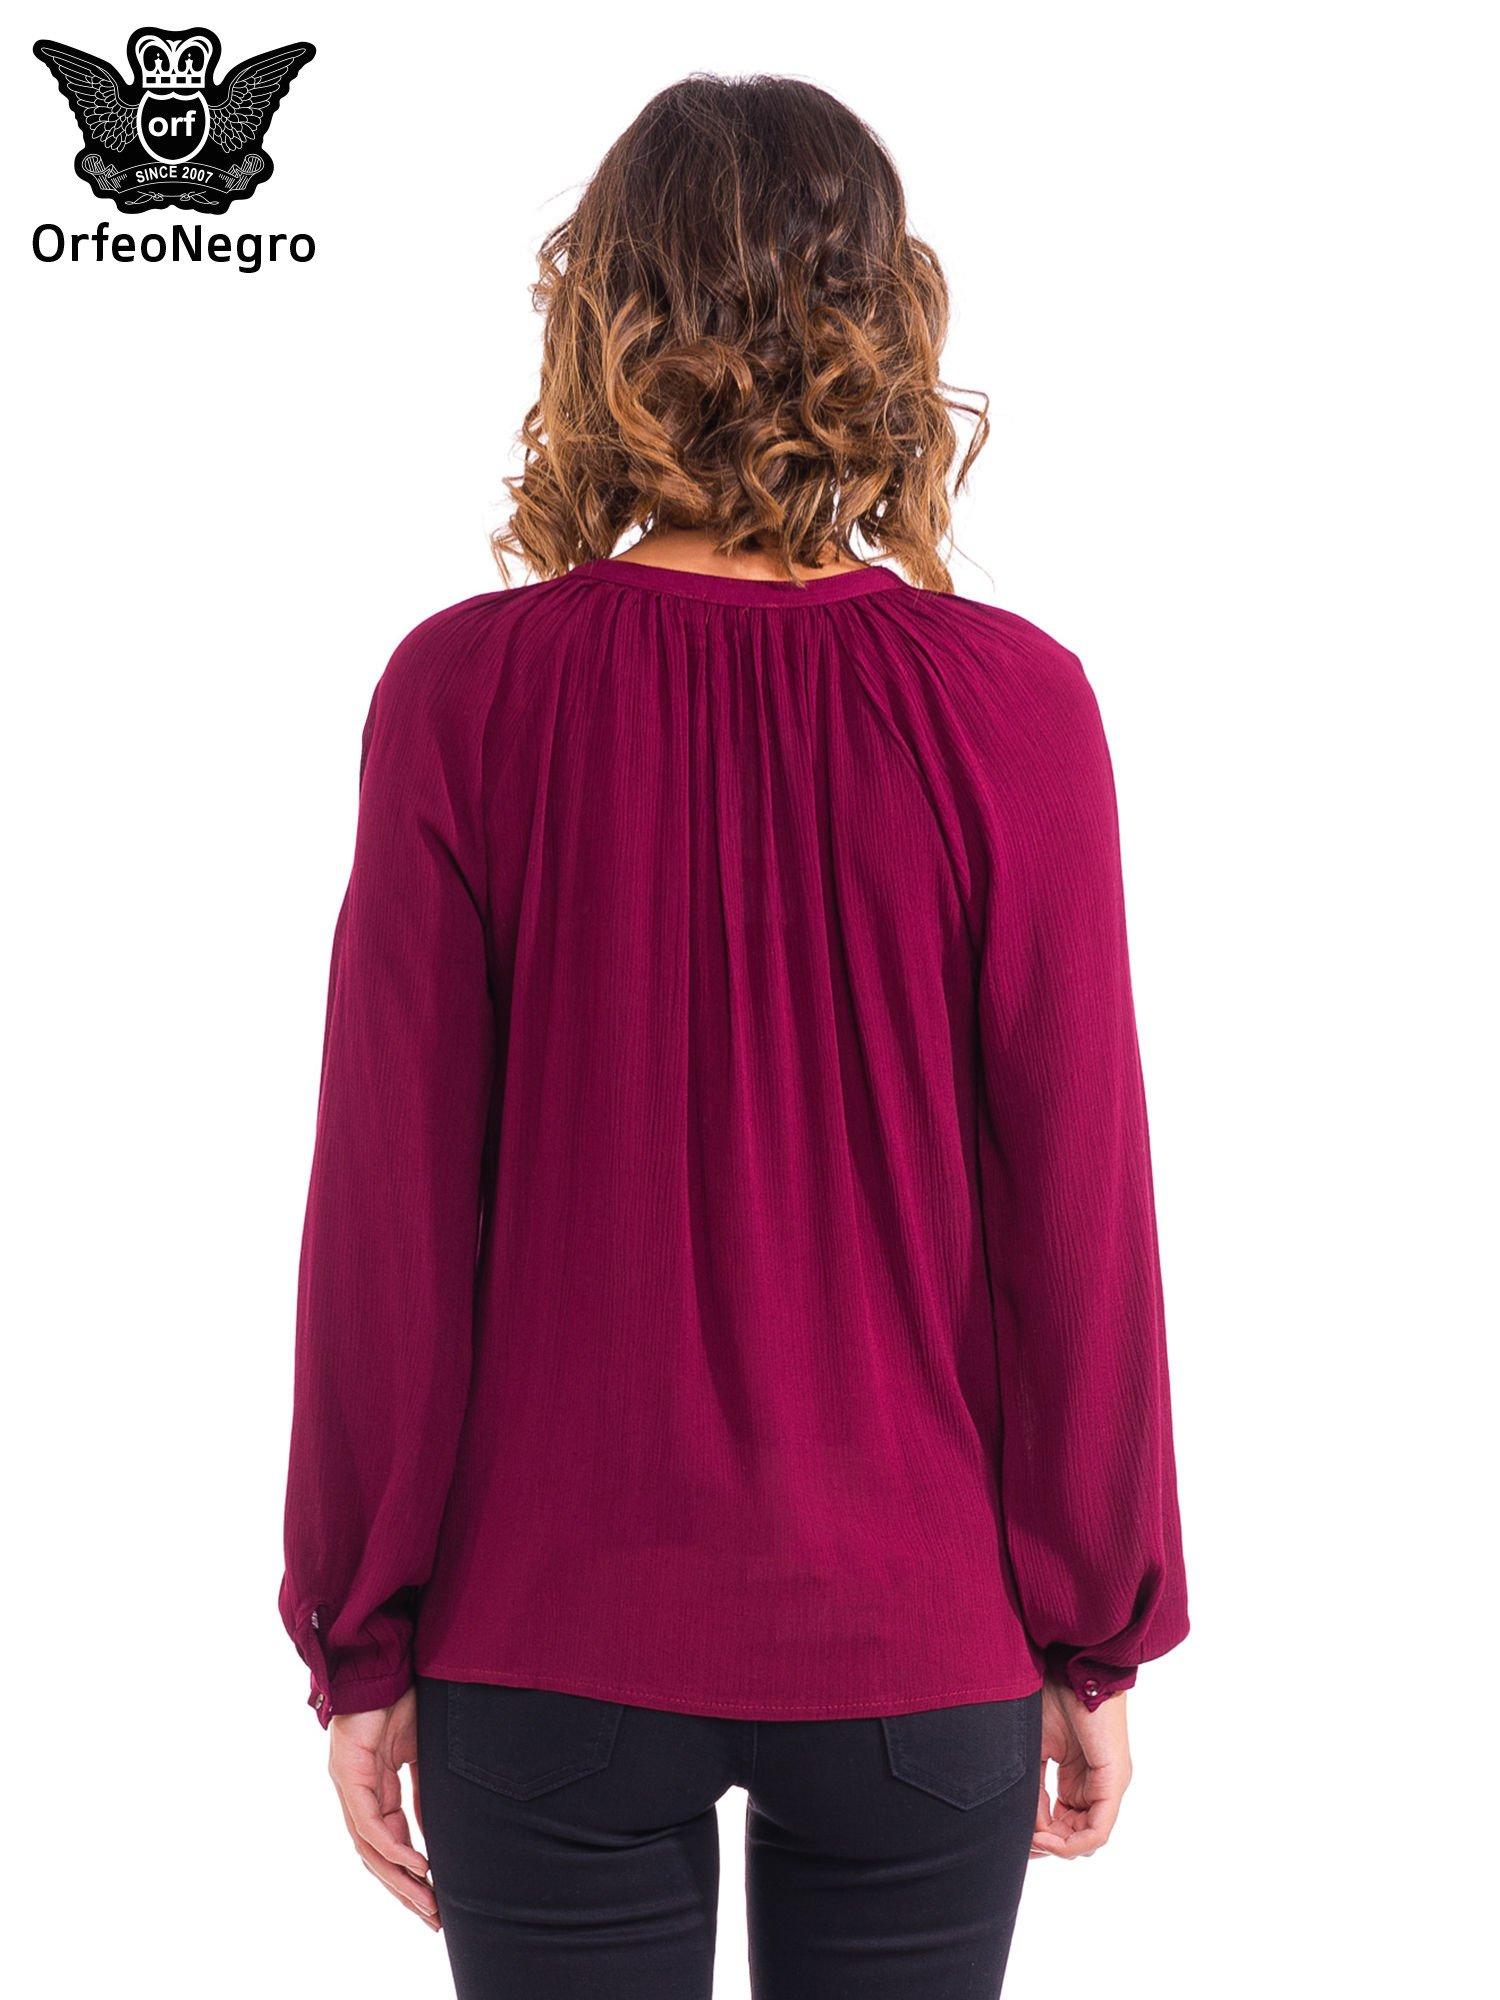 Bordowa koszula z marszczony dekoltem i wzorzystą wstawką w stylu hippie                                  zdj.                                  2